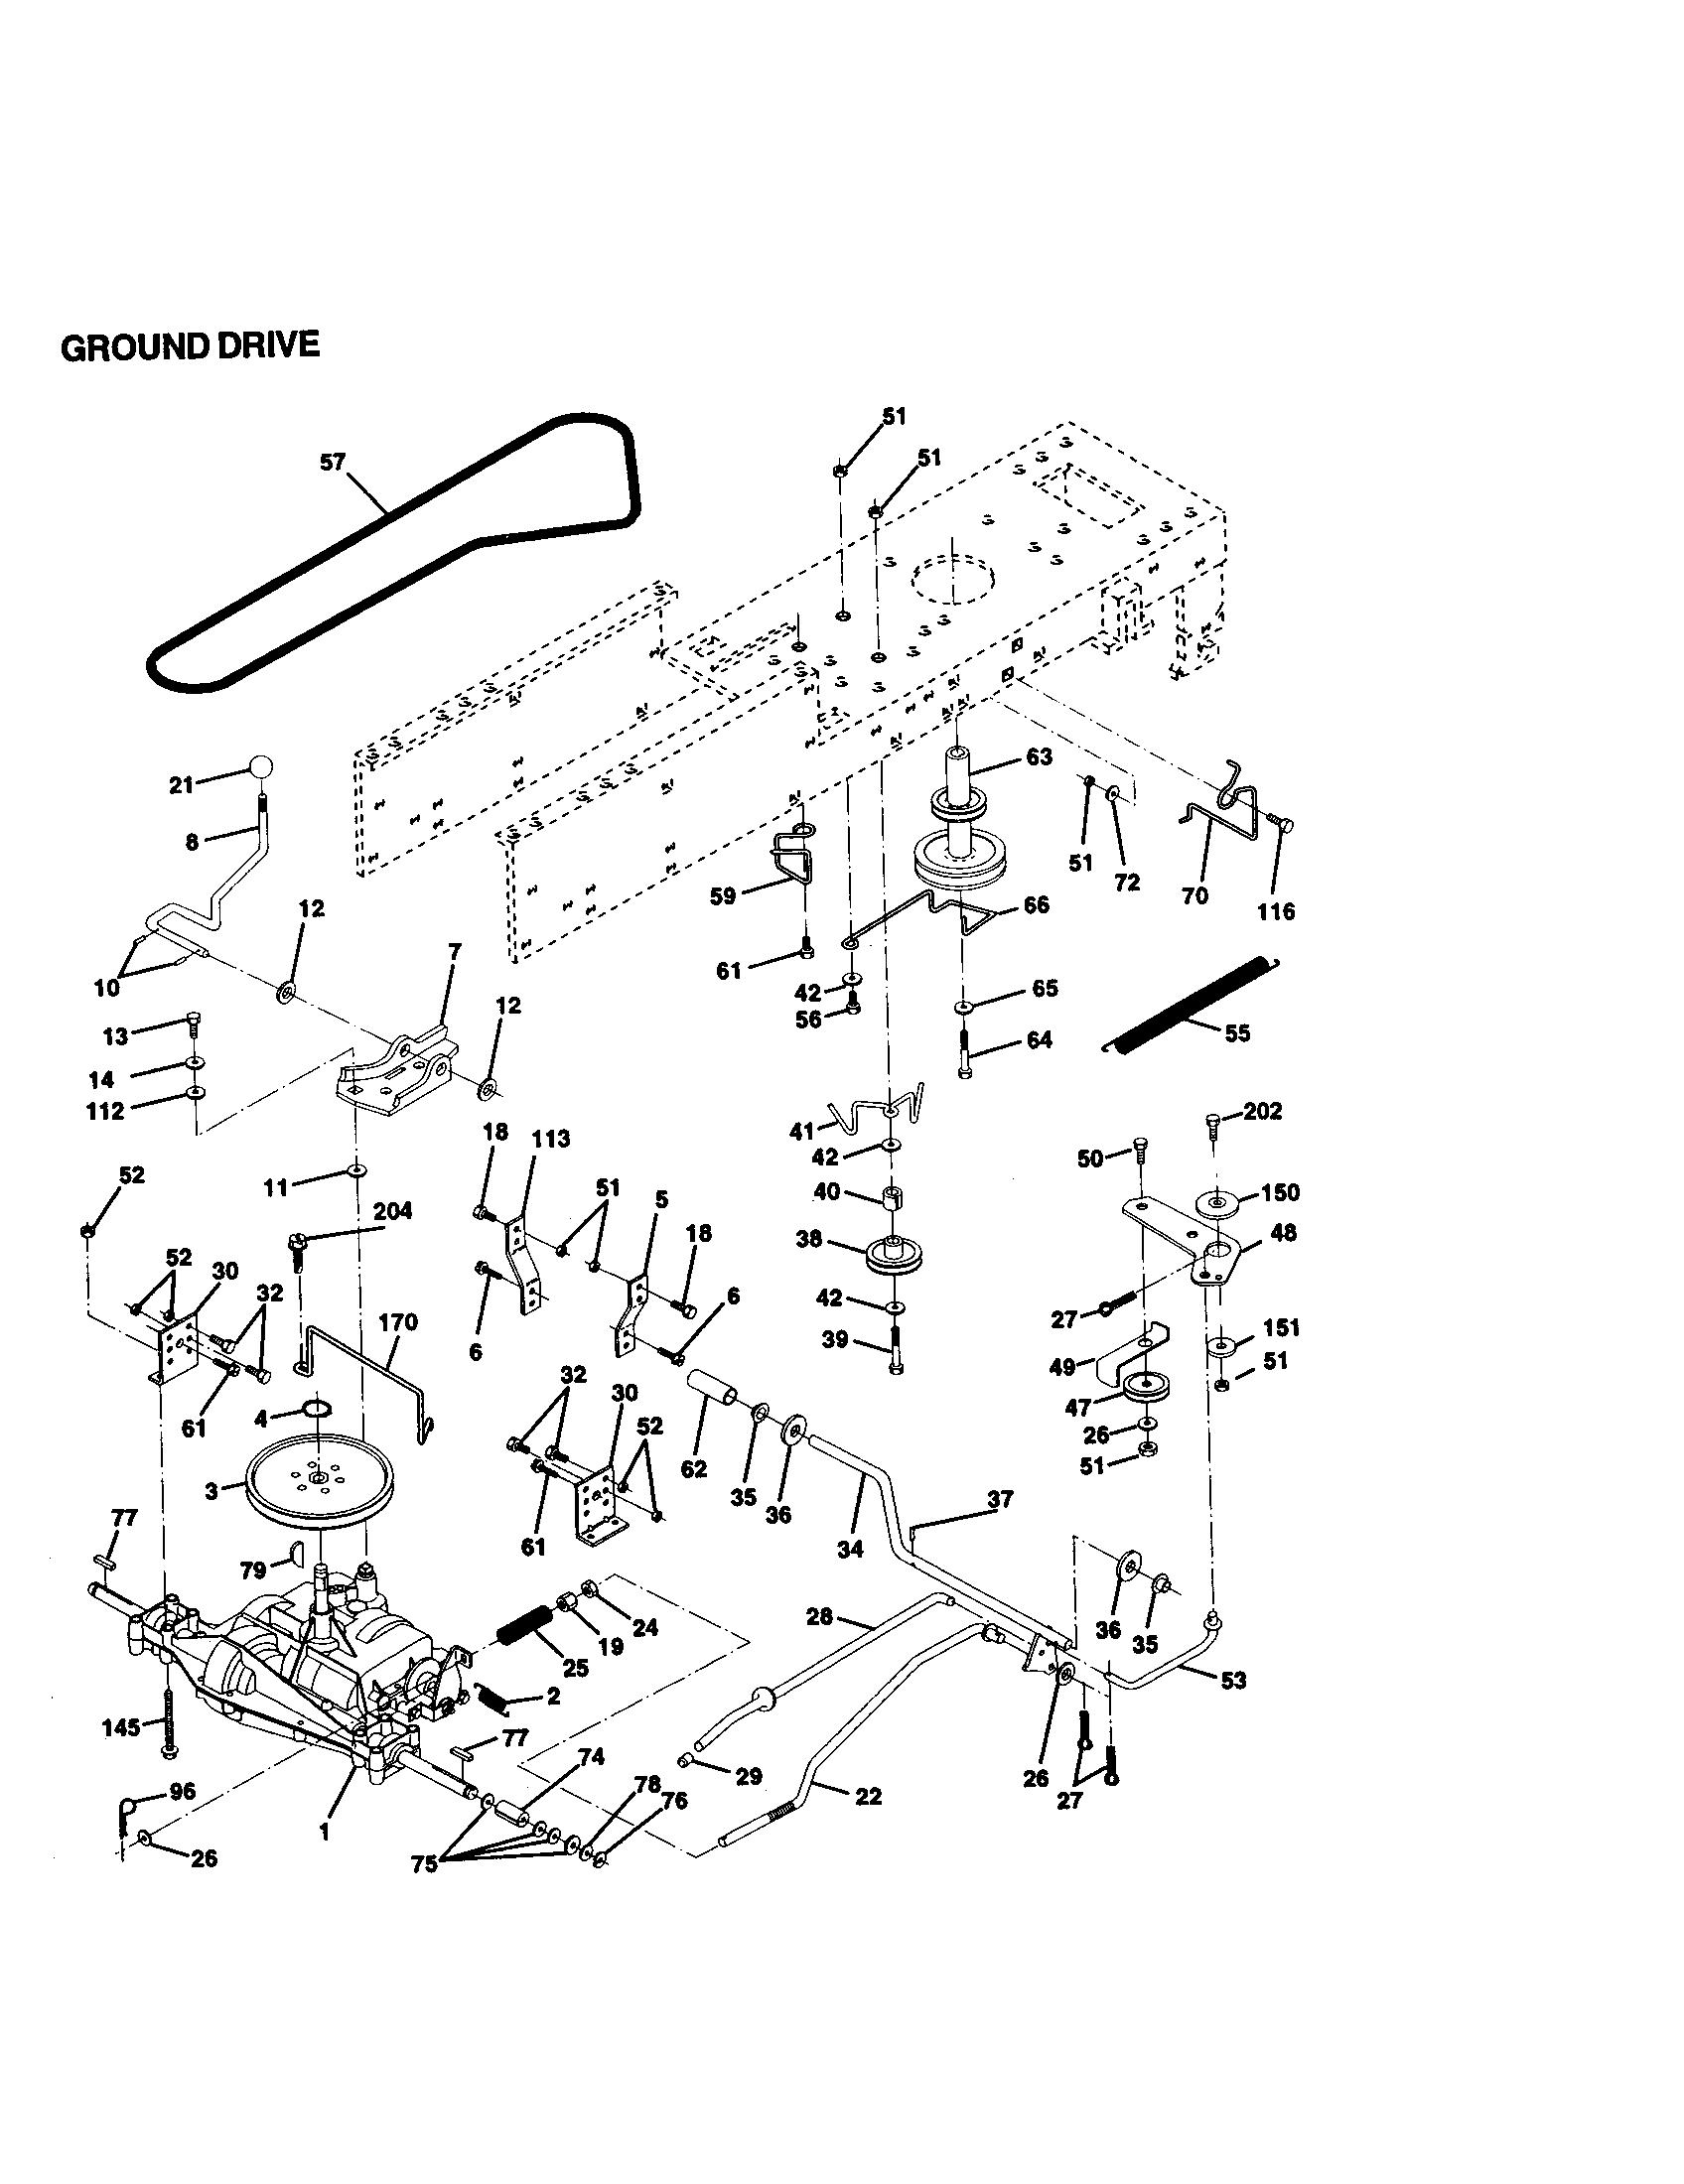 Manual for briggs stratton model 287707